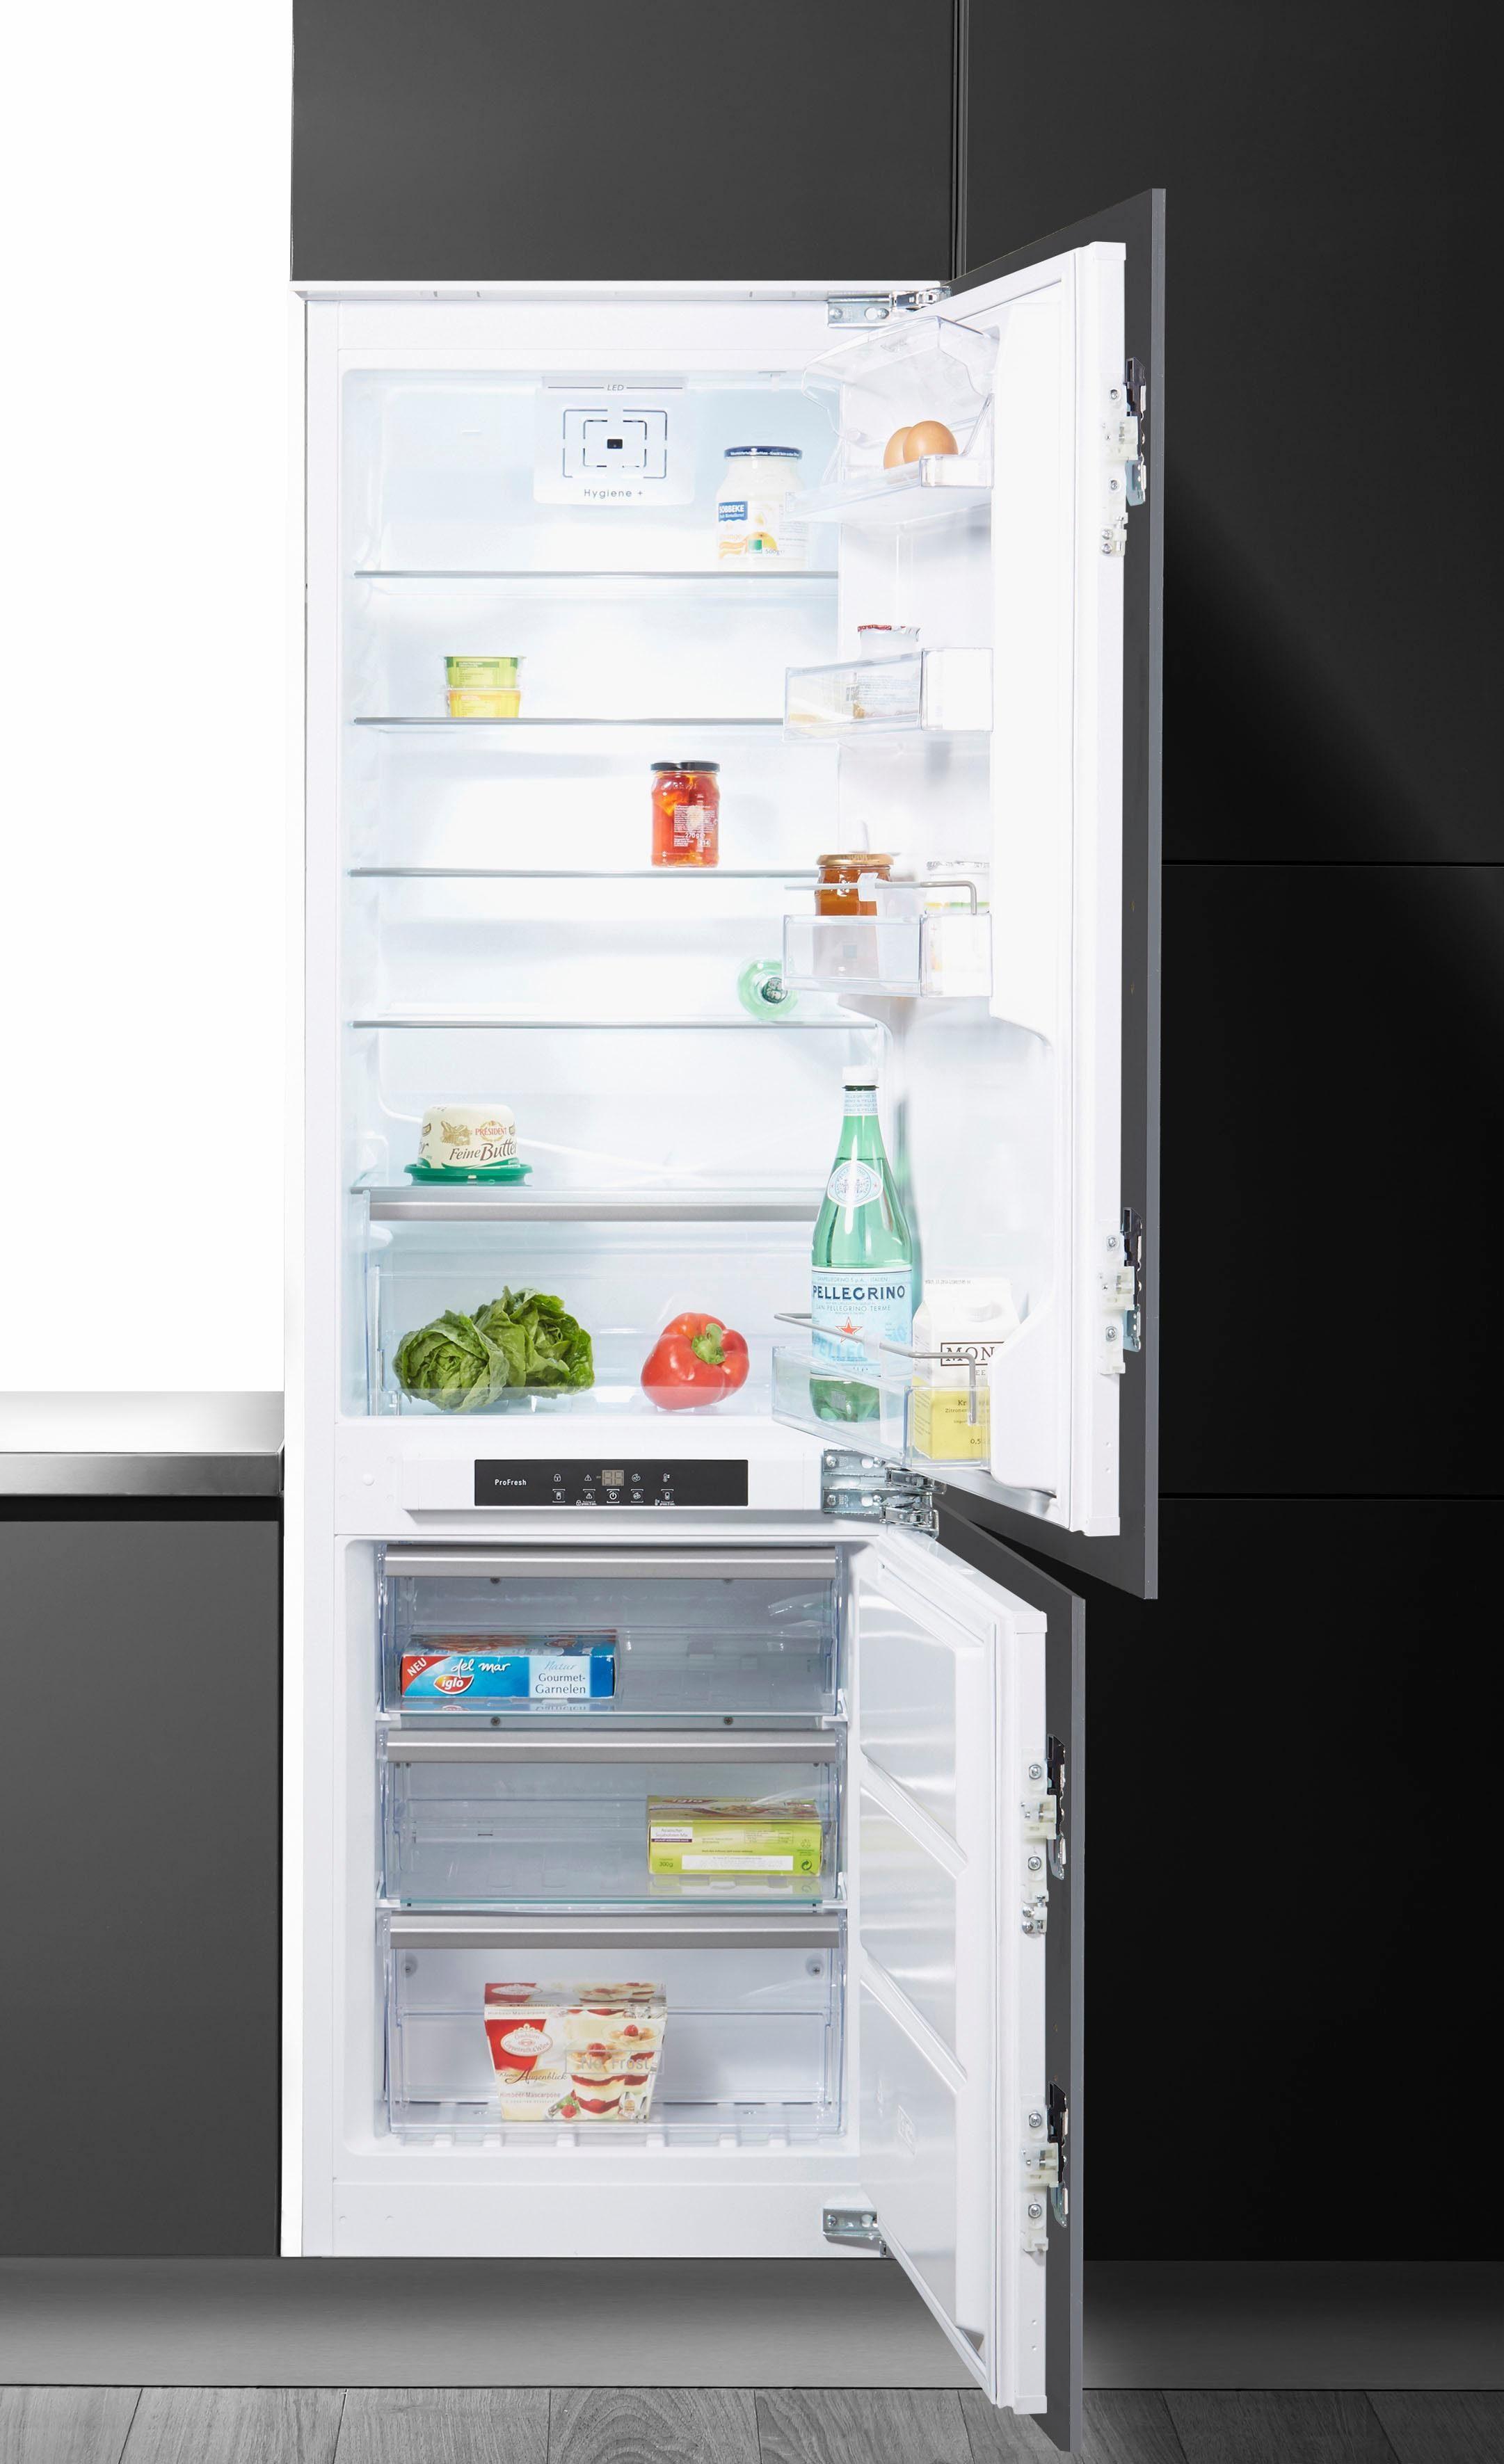 BAUKNECHT Einbaukühlgefrierkombination KGIN3183, 177 cm hoch, 54,5 cm breit, Energieeffizienzklasse: A++, 177 cm hoch